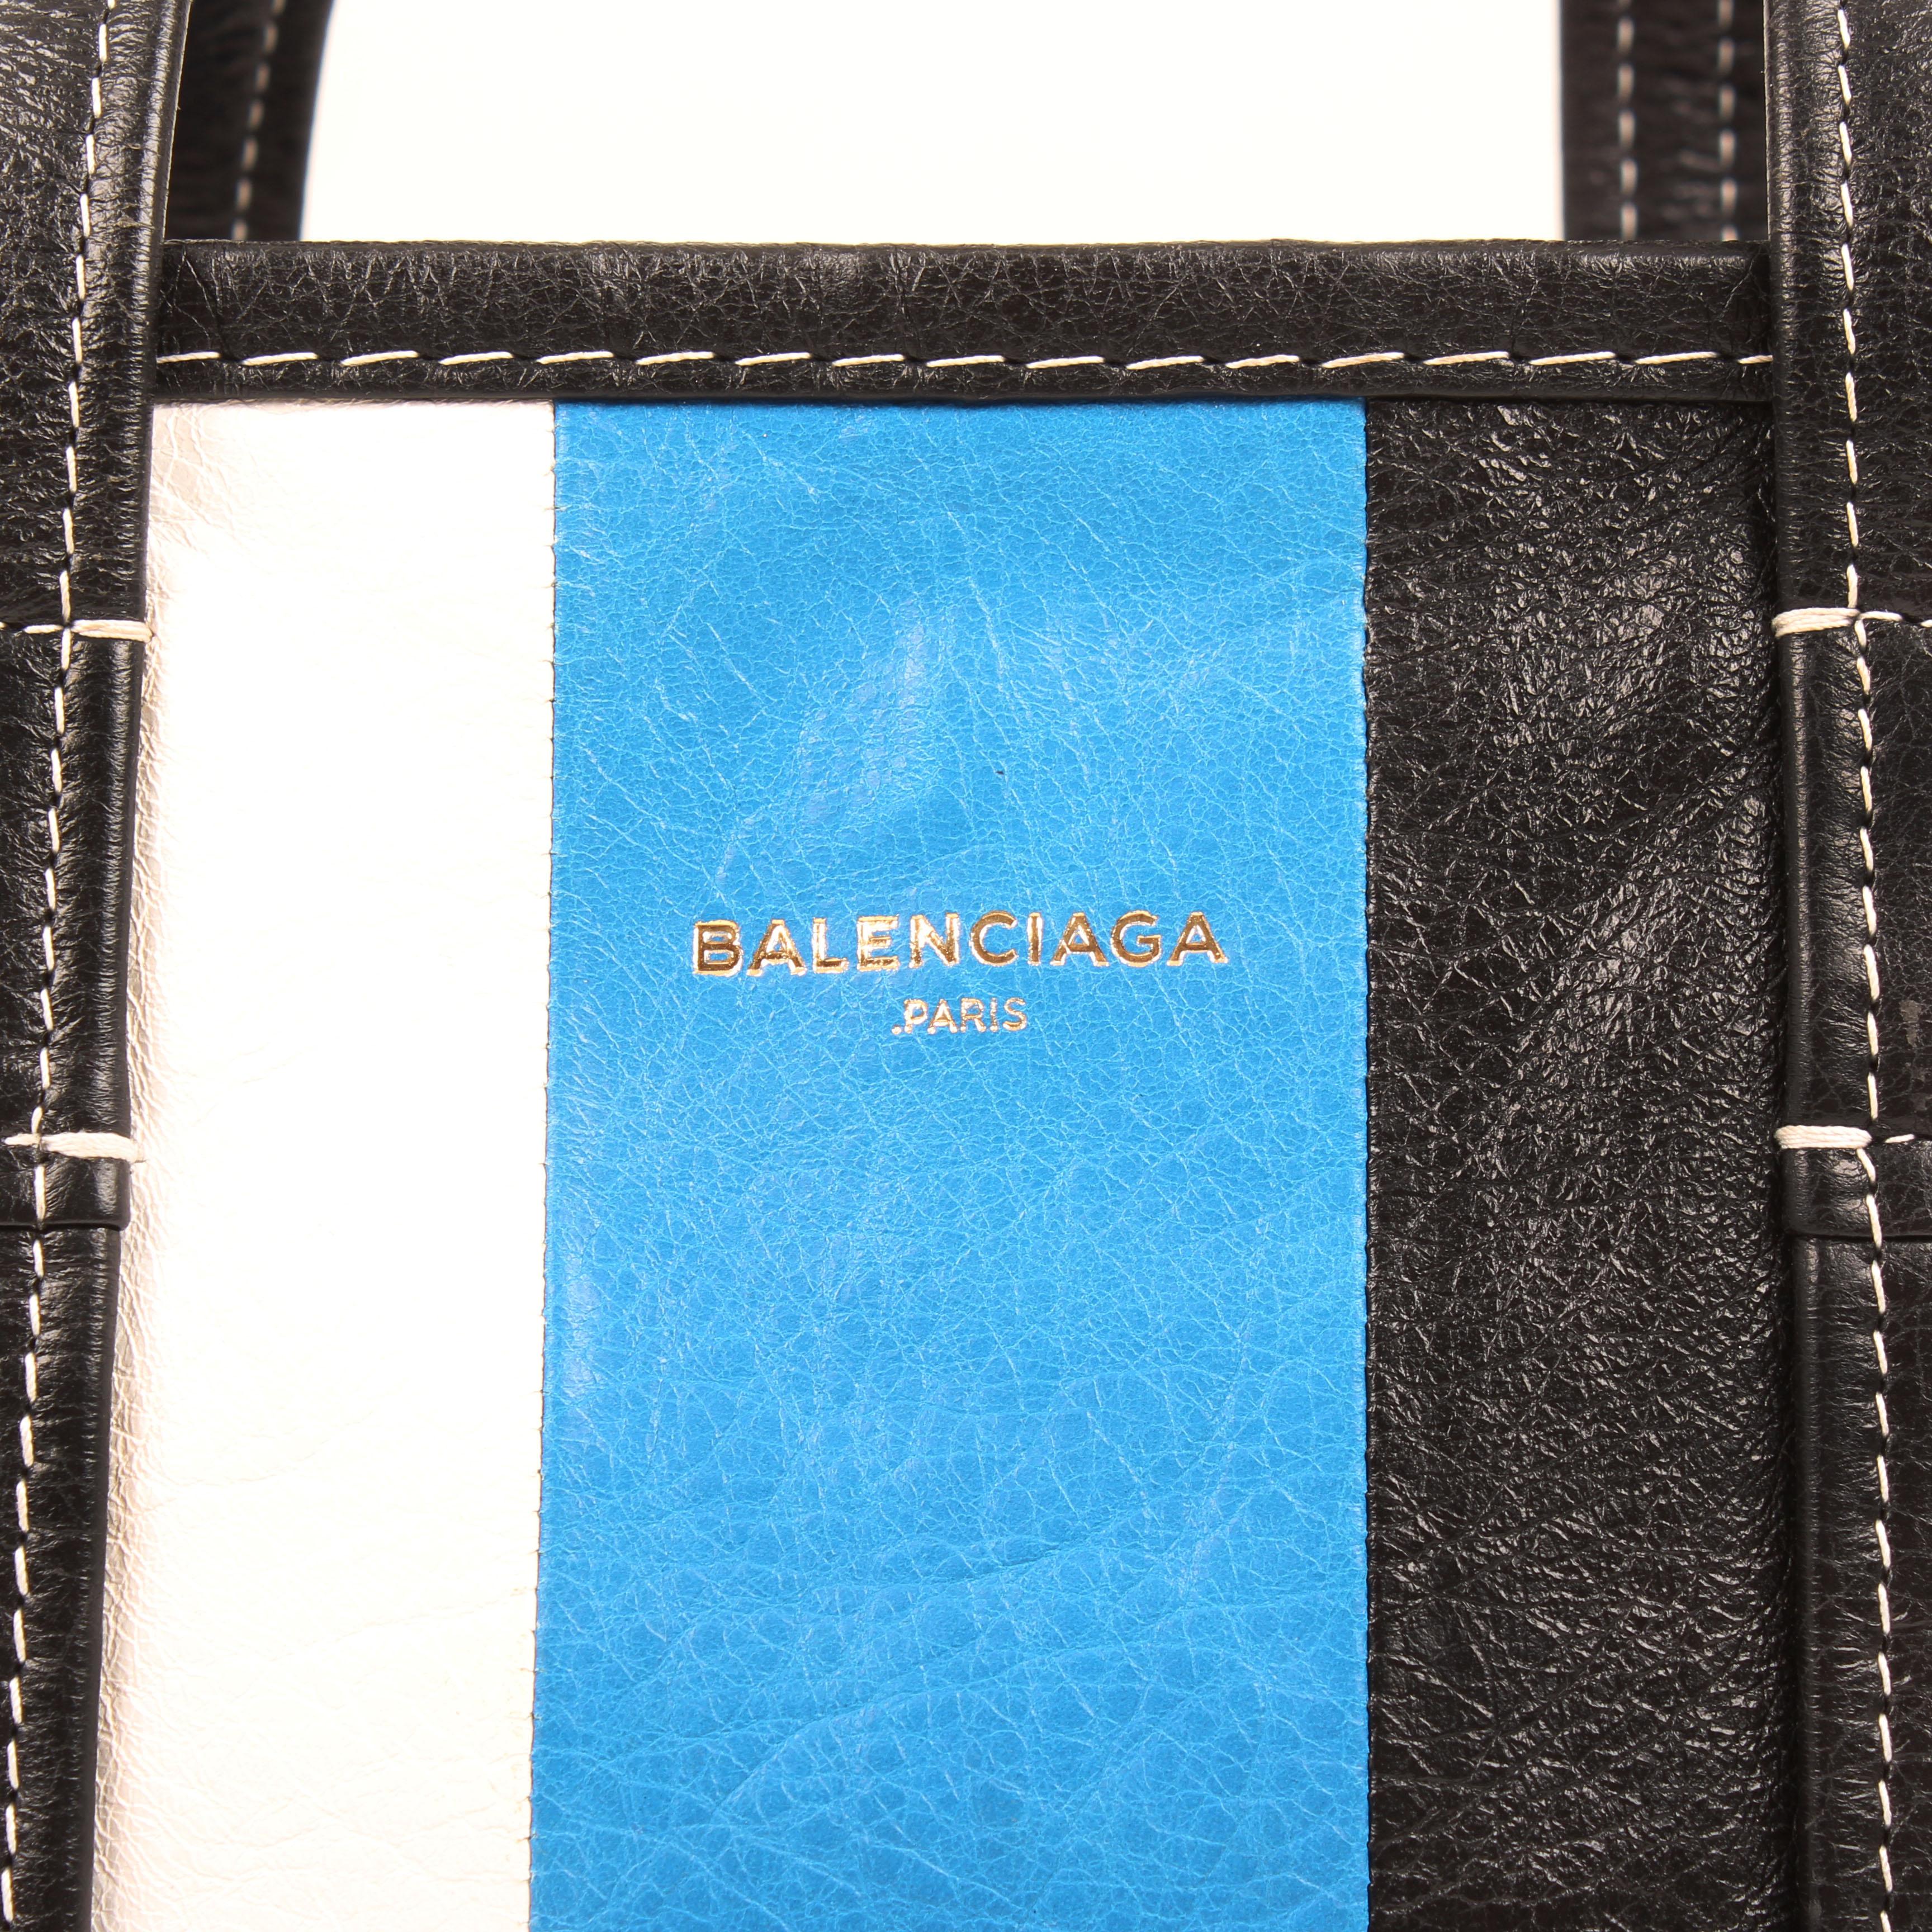 bolso balenciaga bazar shopper s arena rayado azul blanco negro piel logo